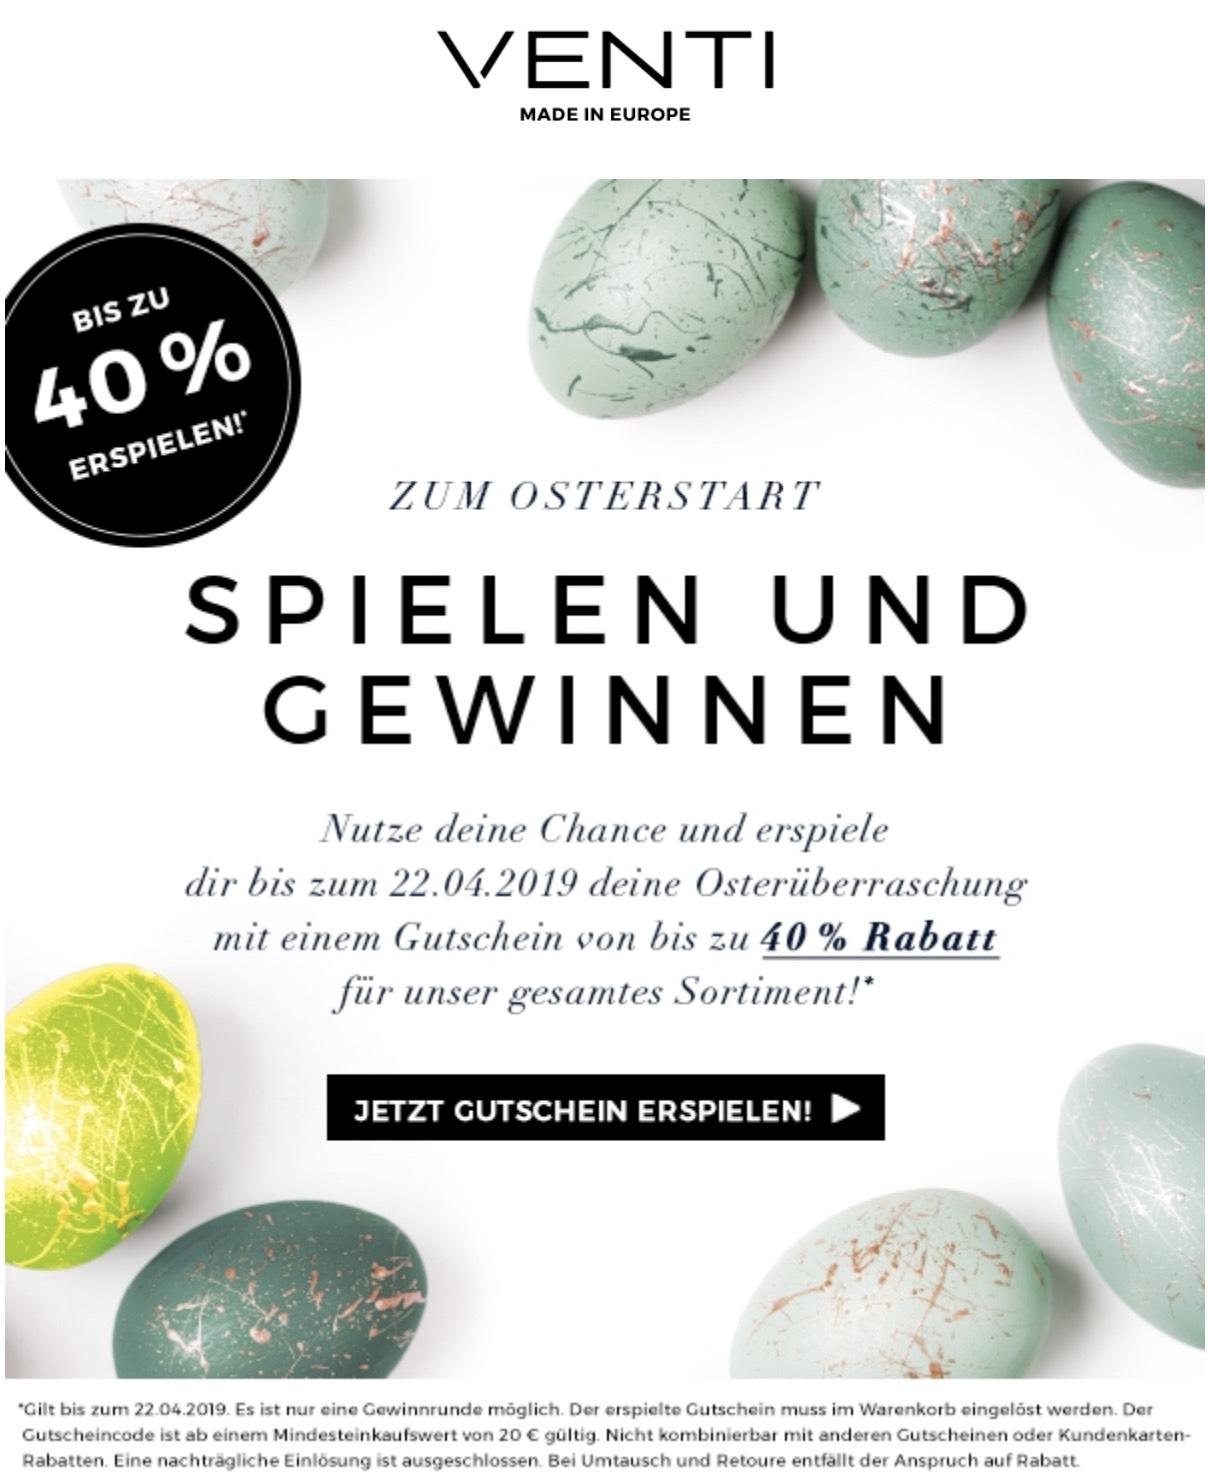 Venti.com Hemden bis 40% Rabatt (MBW 20€)